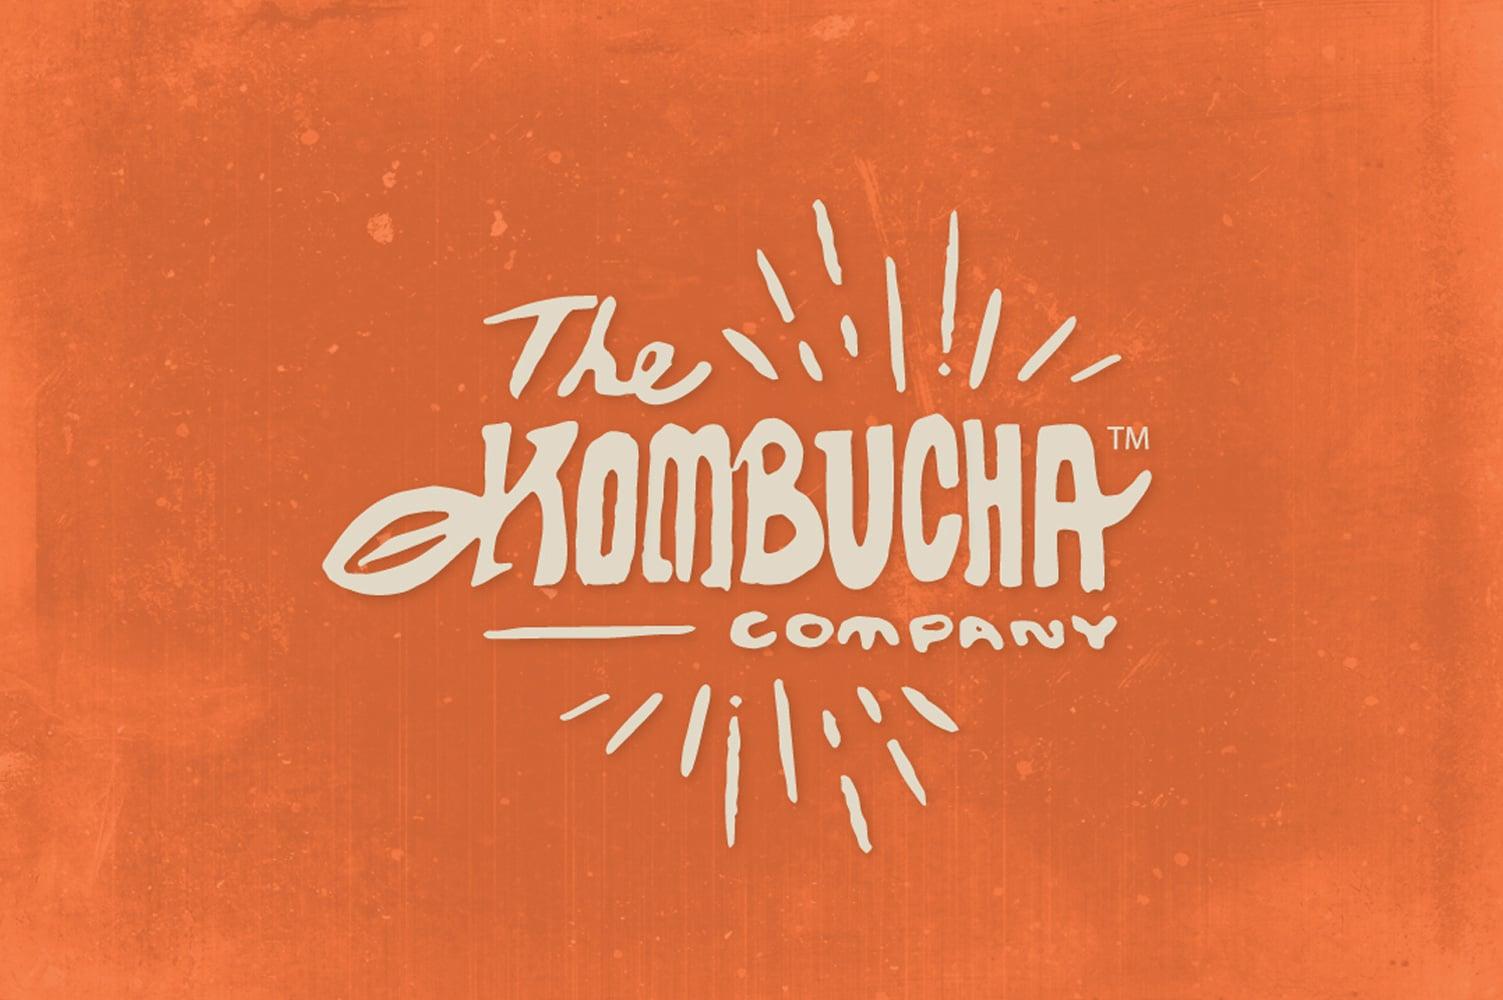 the-kombucha-company-logo-design